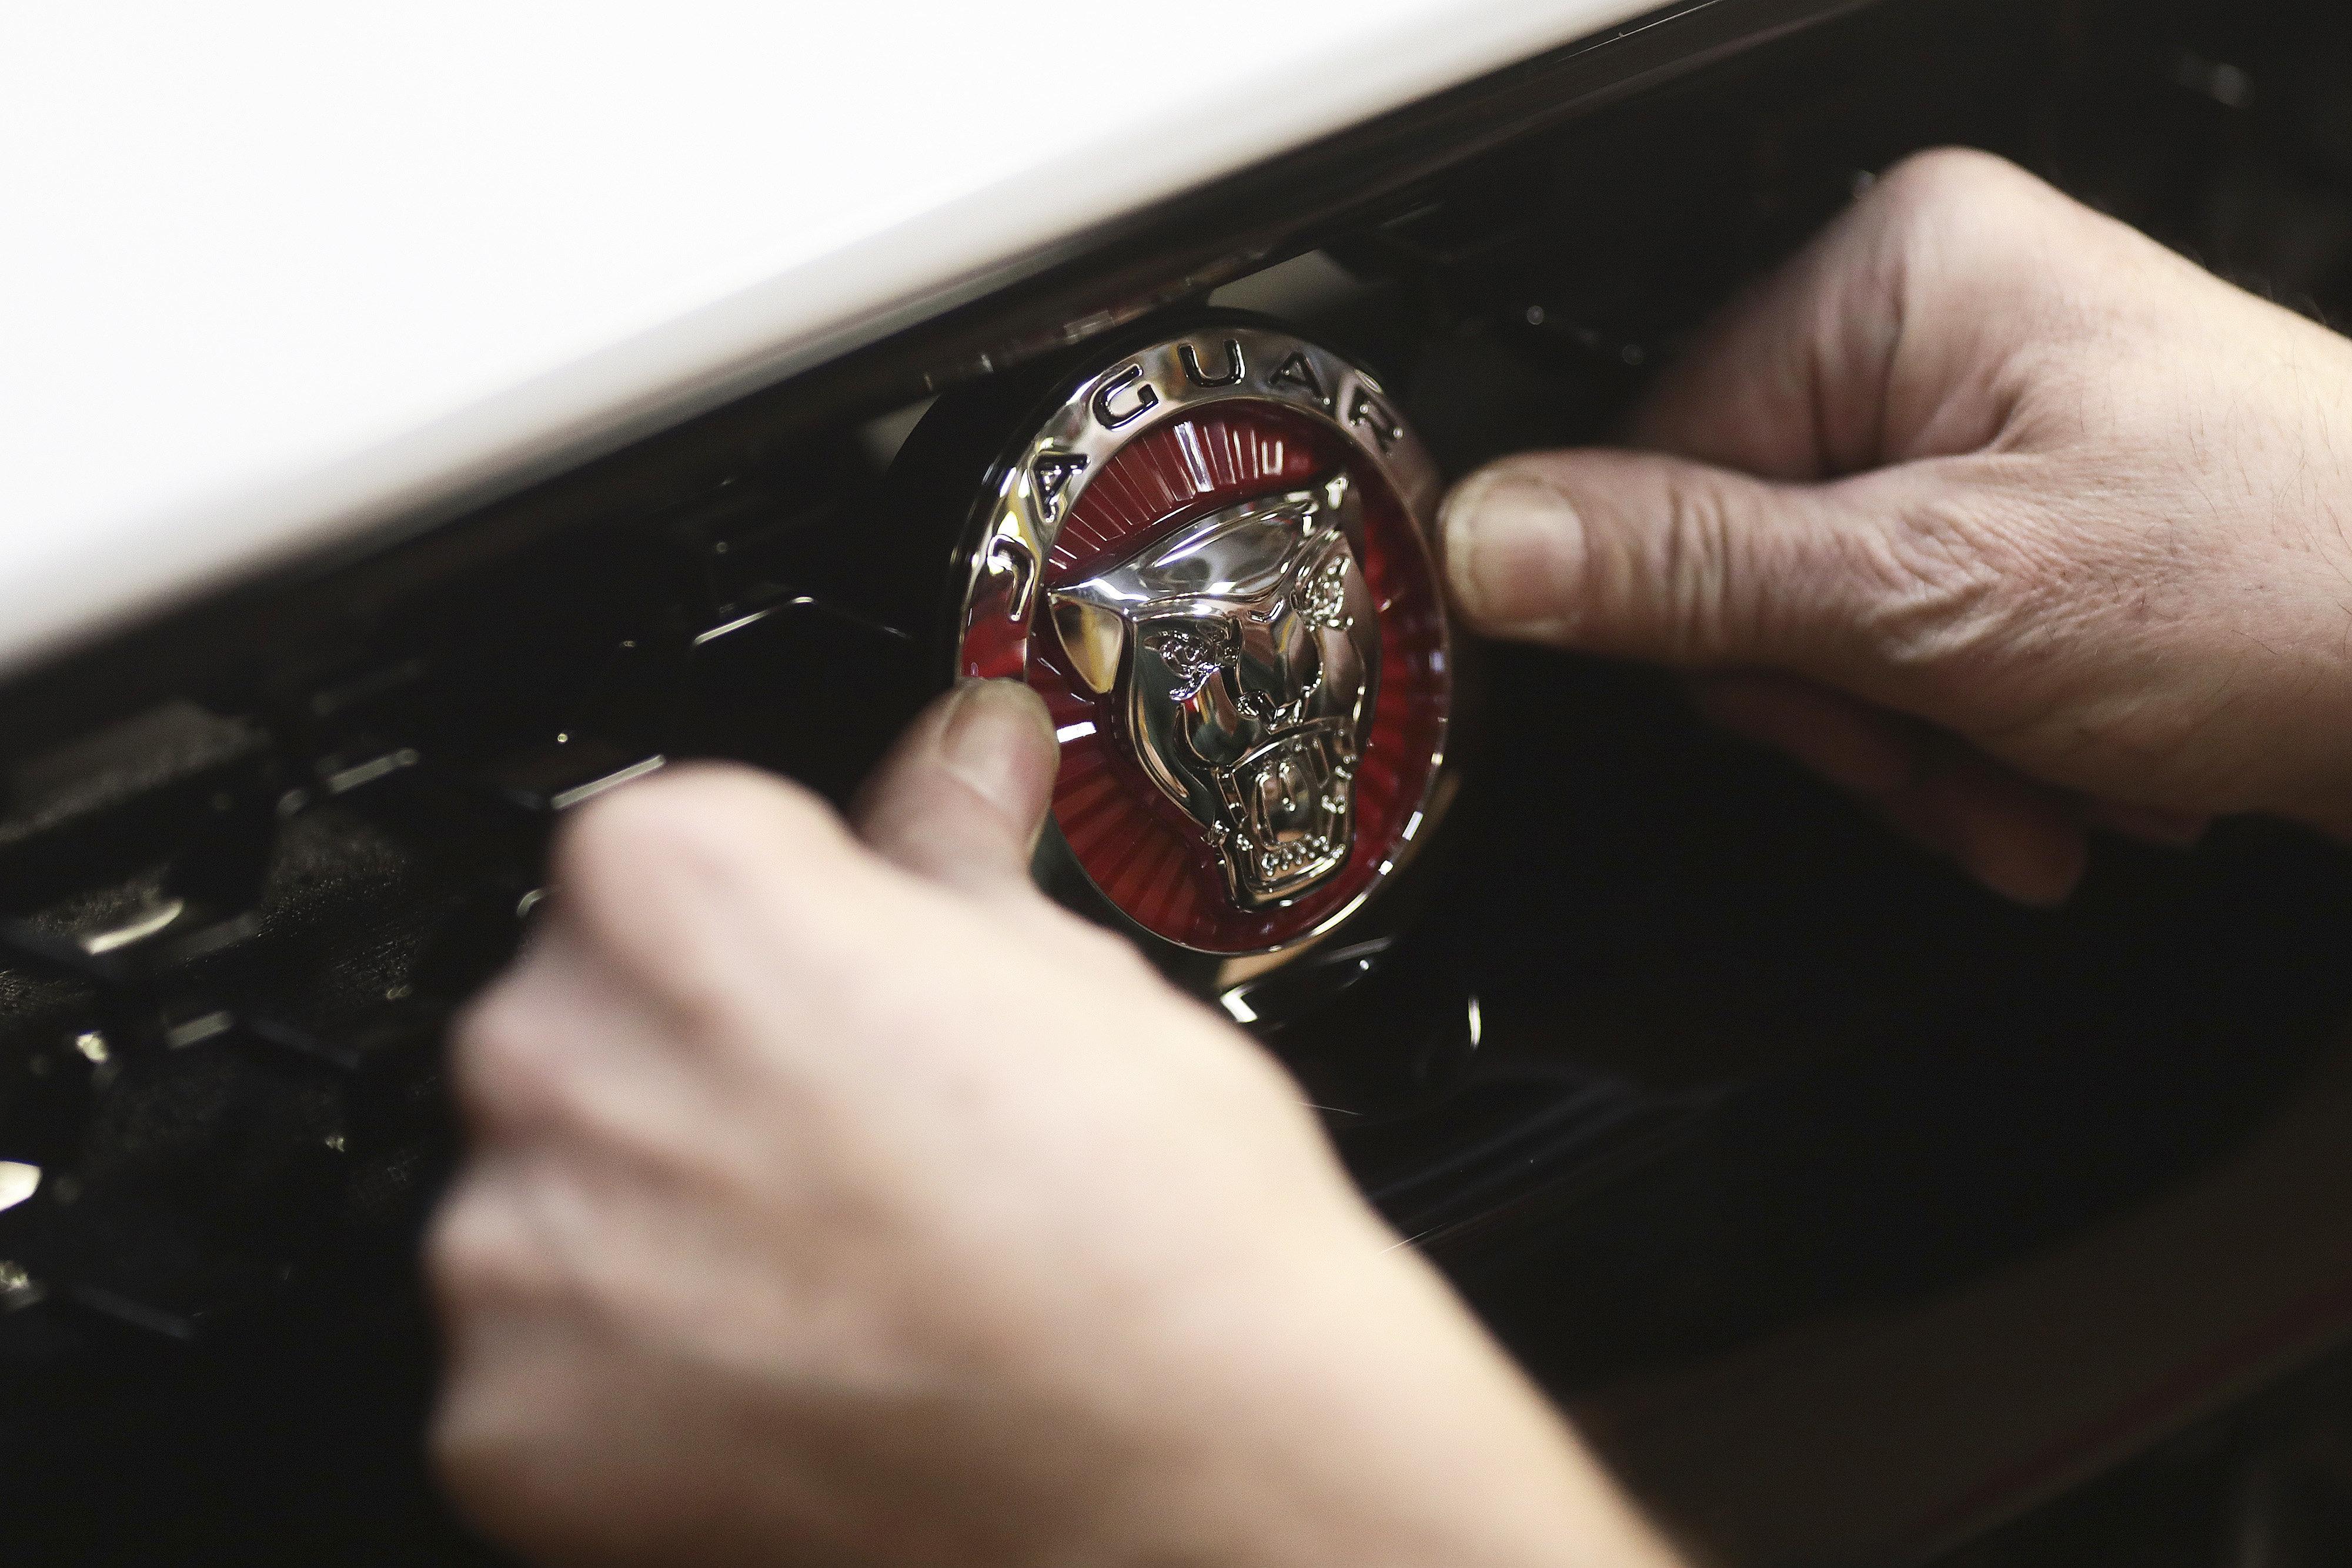 영국 버밍엄 인근 캐슬 브롬위치에 위치한 재규어 공장에서 한 노동자가 생산라인을 막 빠져나온 재규어 F-타입 차량의 전면 로고 위치를 수정하고 있다. 20017년 3월16일.